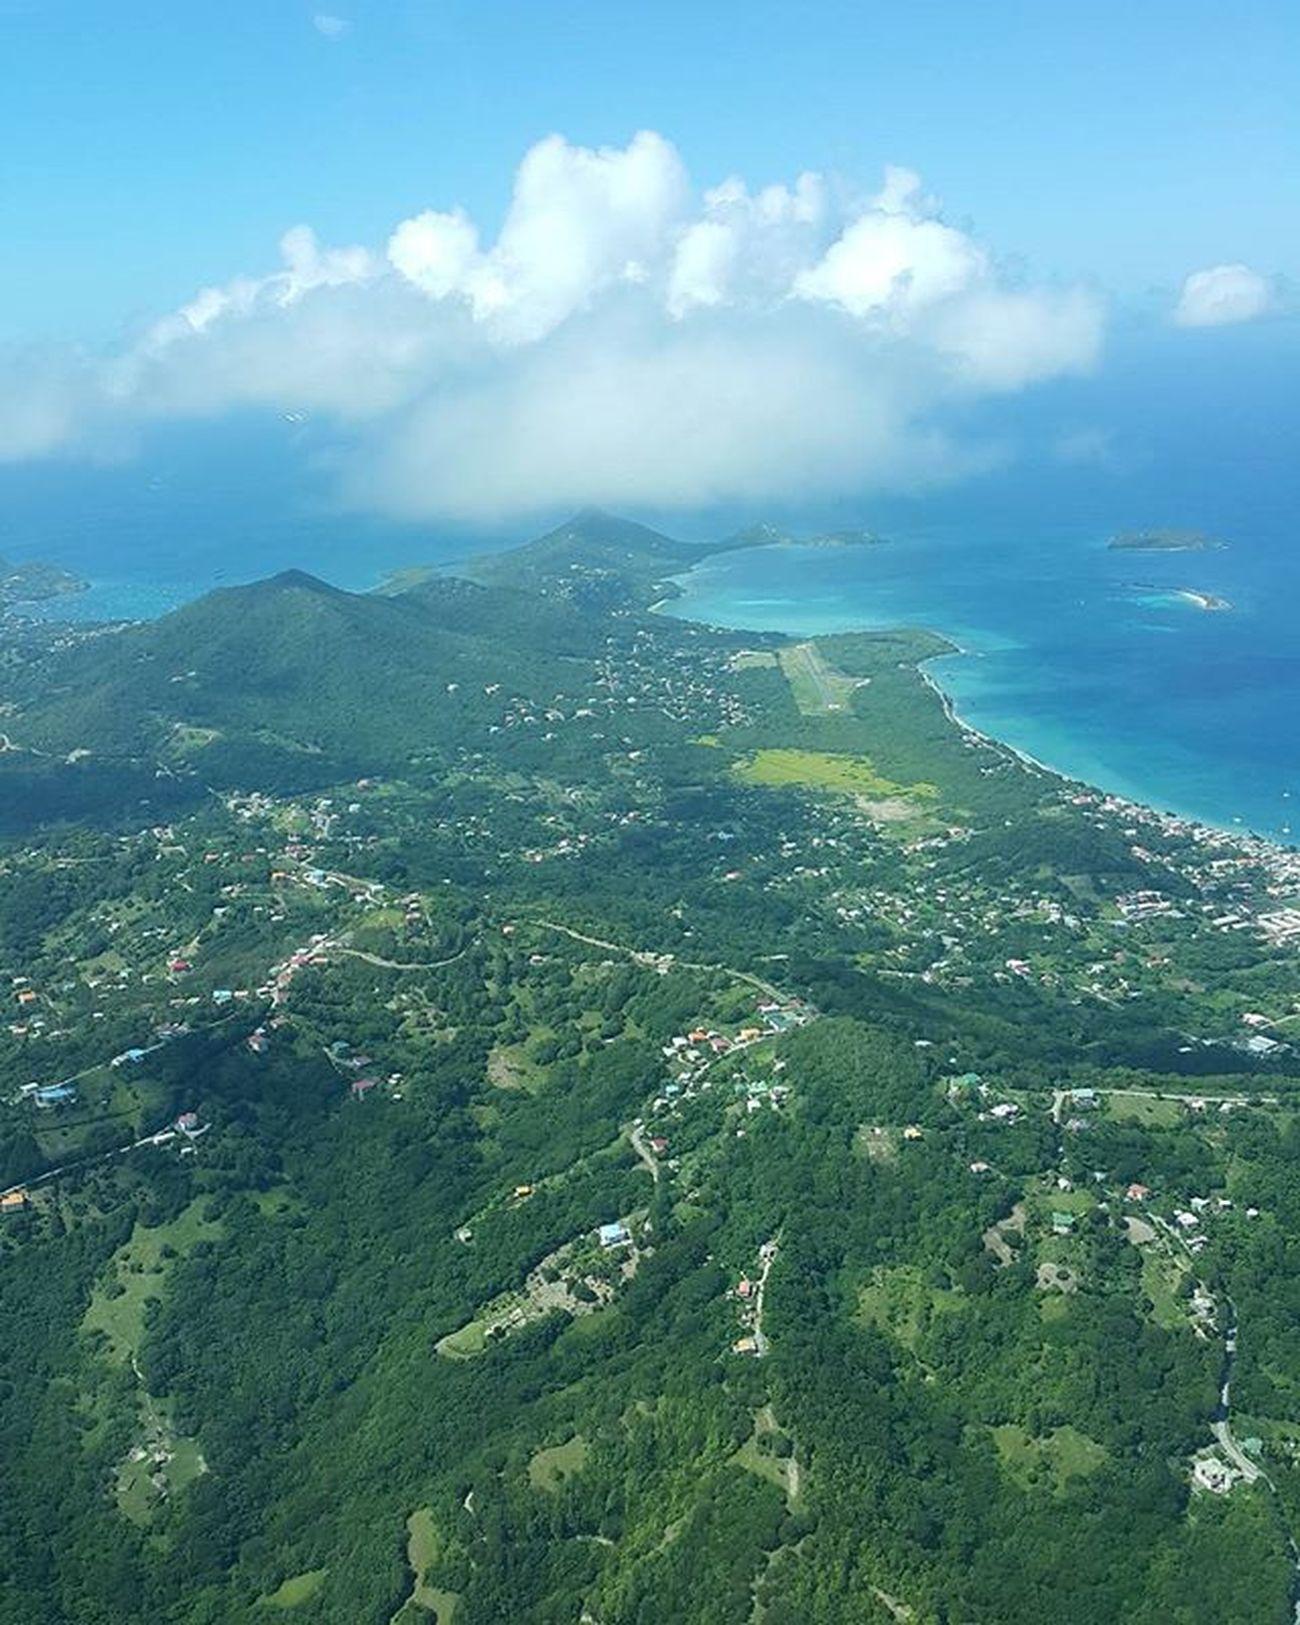 Aerialphotos Carriacou Caribbean360 Andyjohnsonphotography Photohunting Amazingphotohunter LOVESCARIBBEANSEA Ilivewhereyouvacation